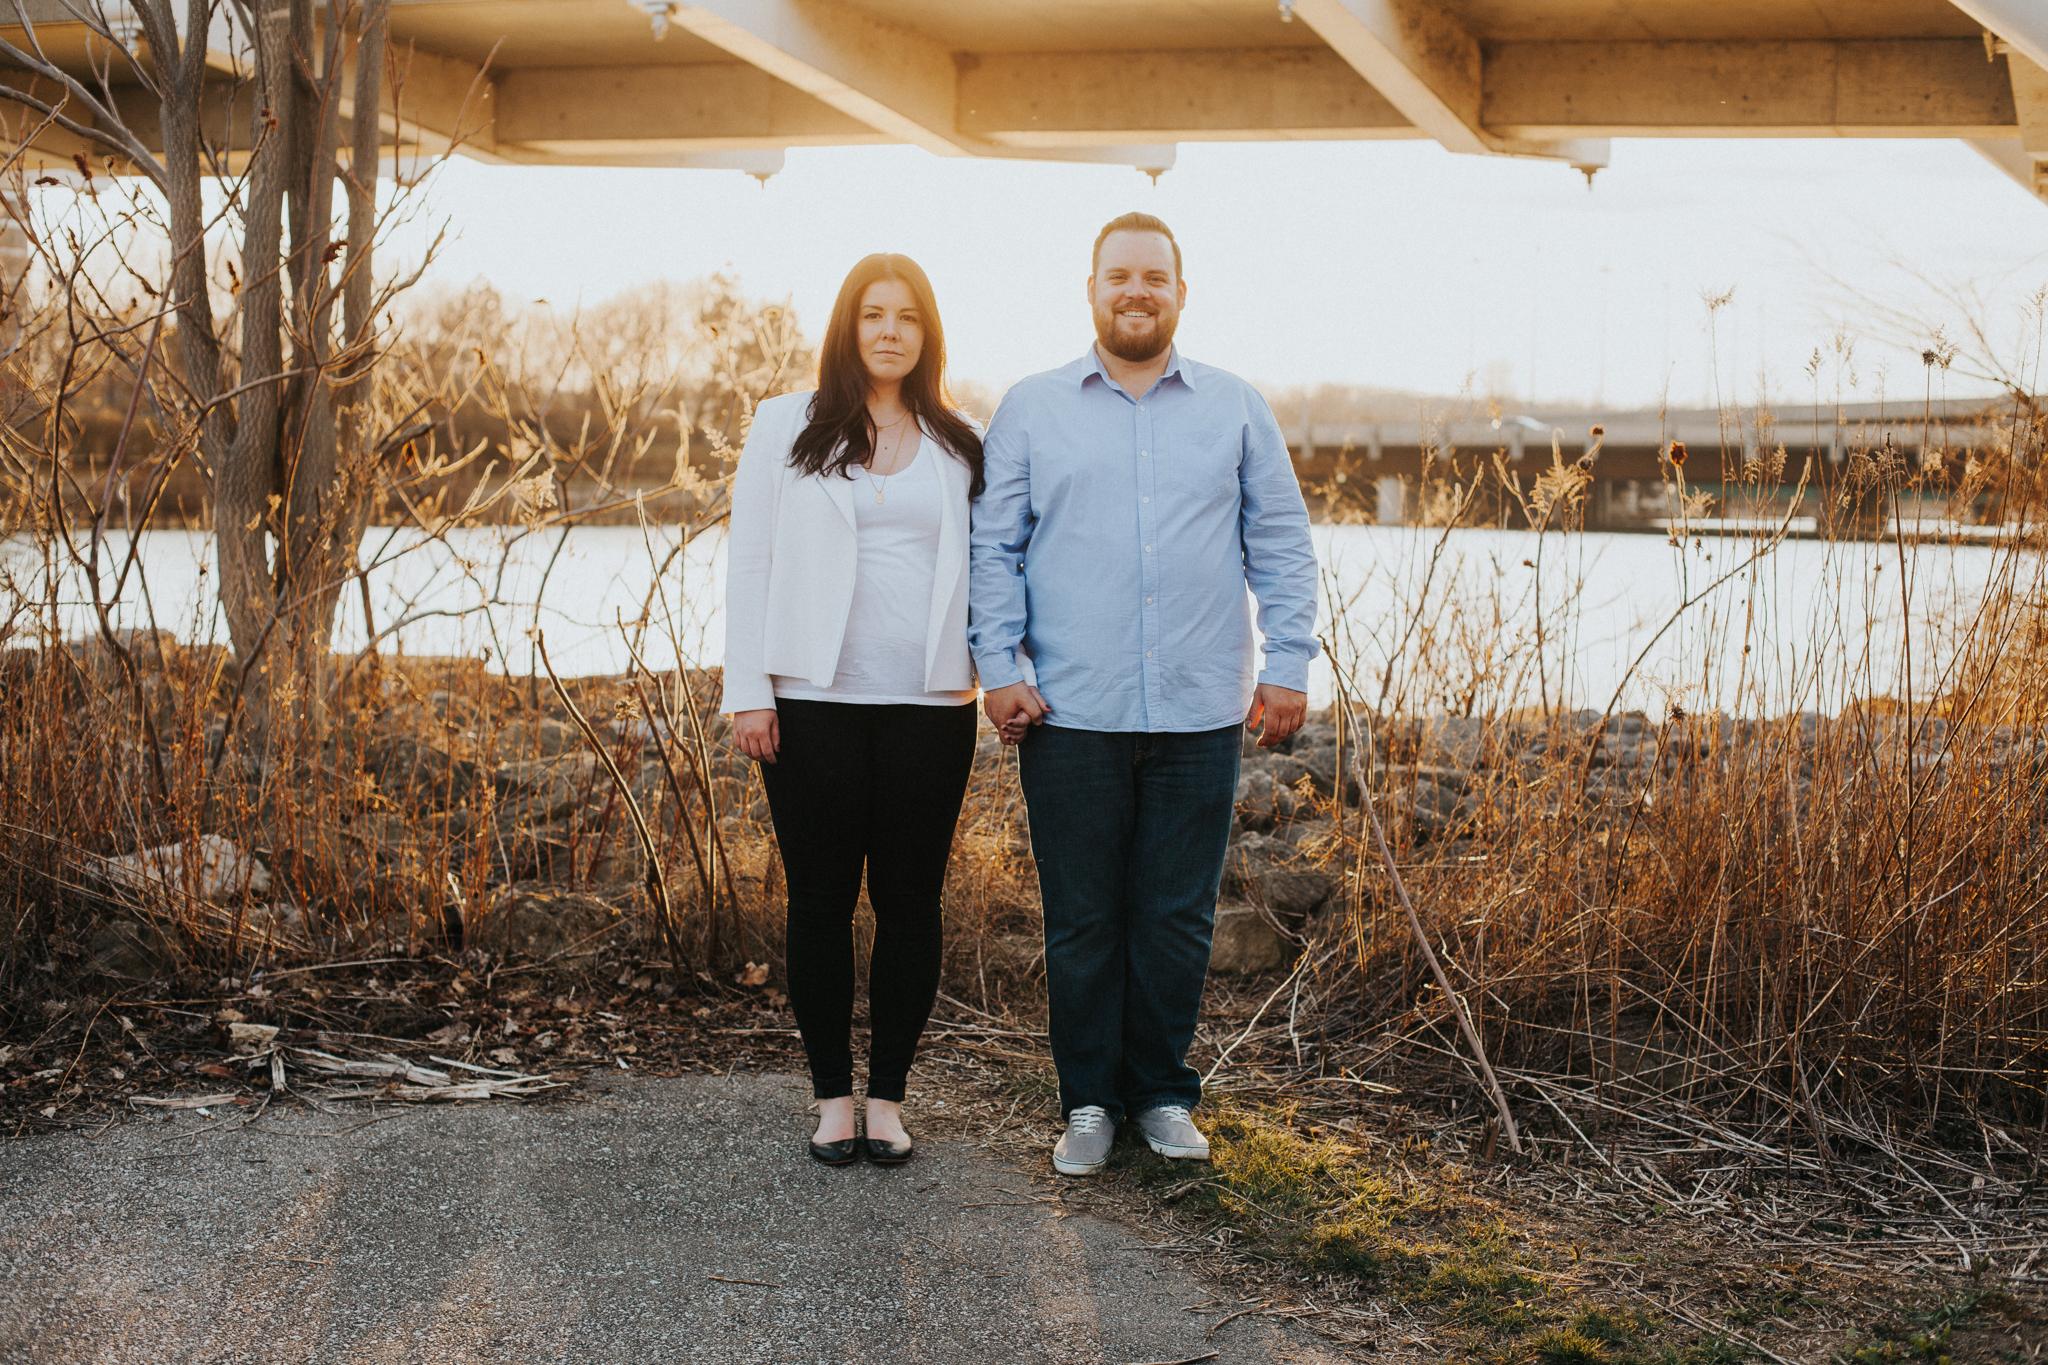 Jessica & Jacob - Toronto, ON